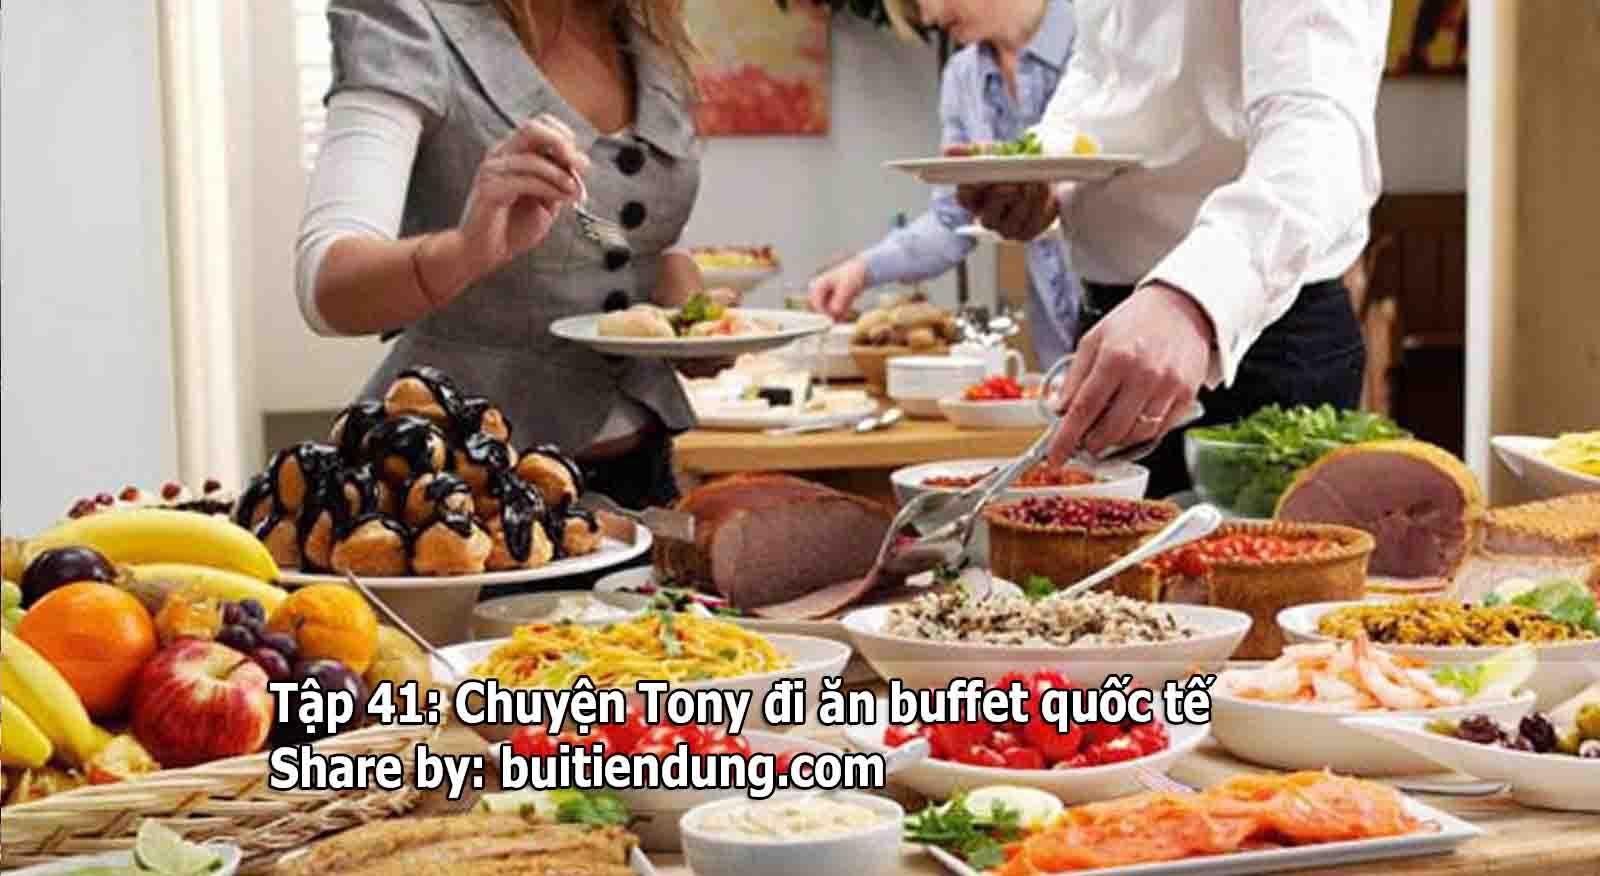 Tập 41: Chuyện Tony đi ăn buffet quốc tế – Trên đường băng